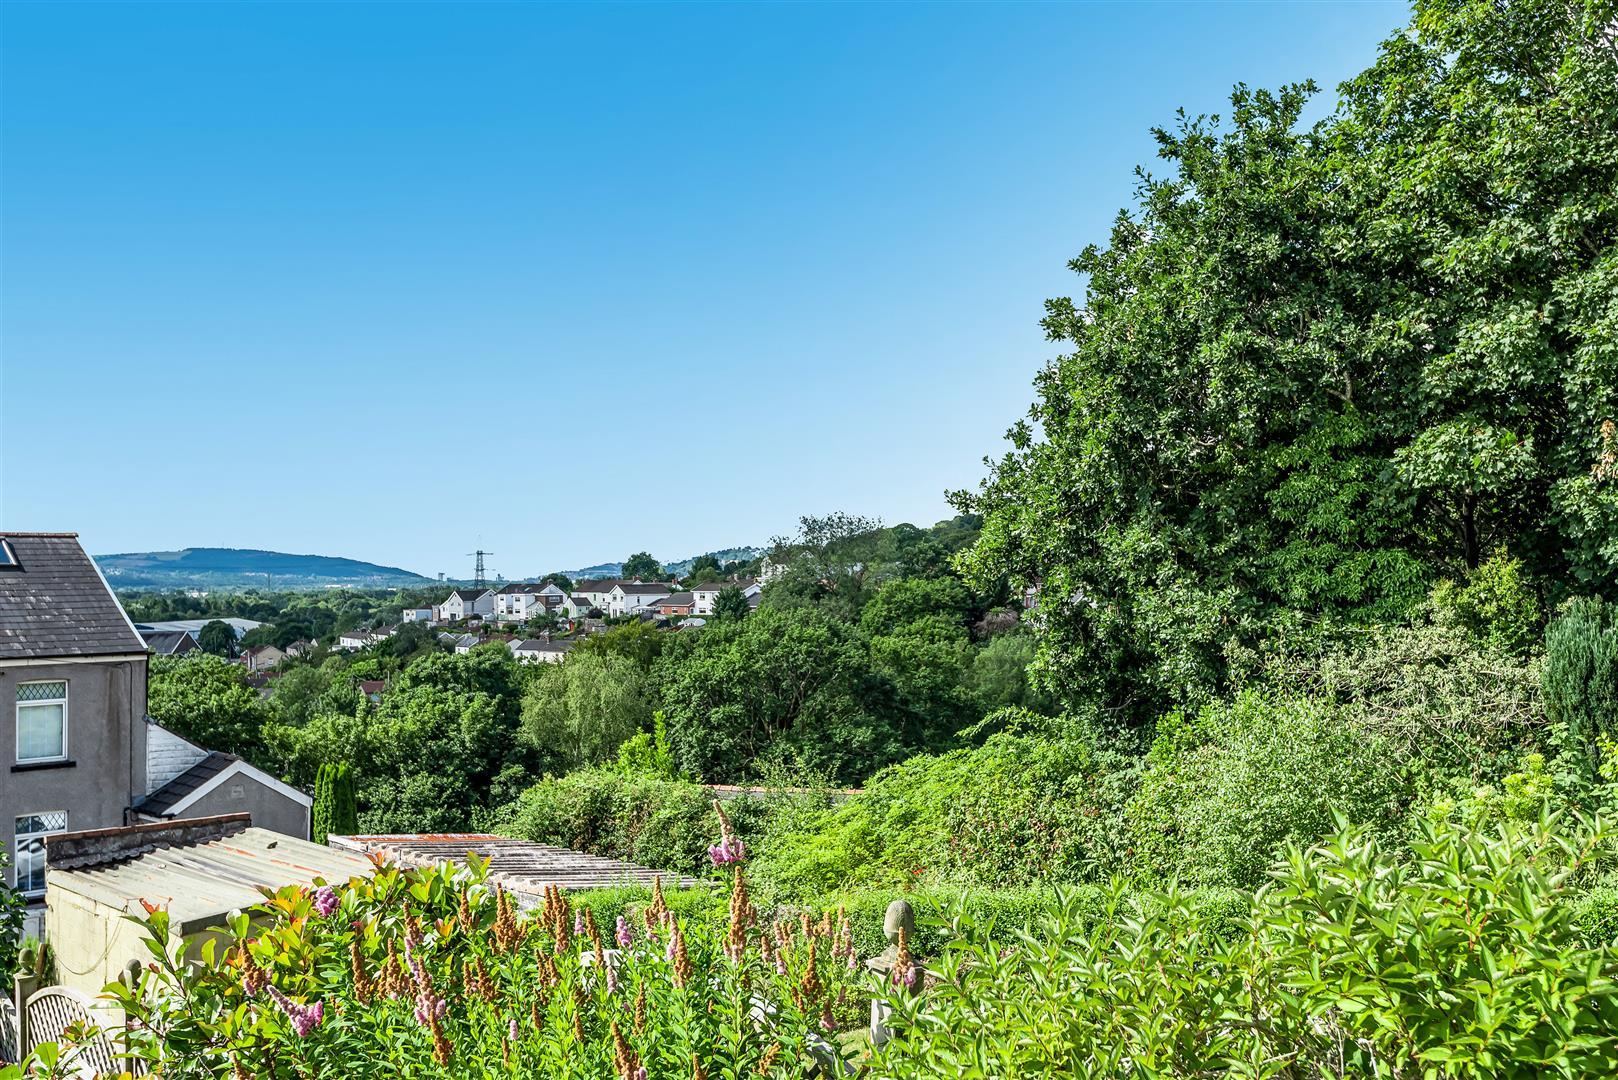 View Road, Clydach, Swansea, SA6 5EP